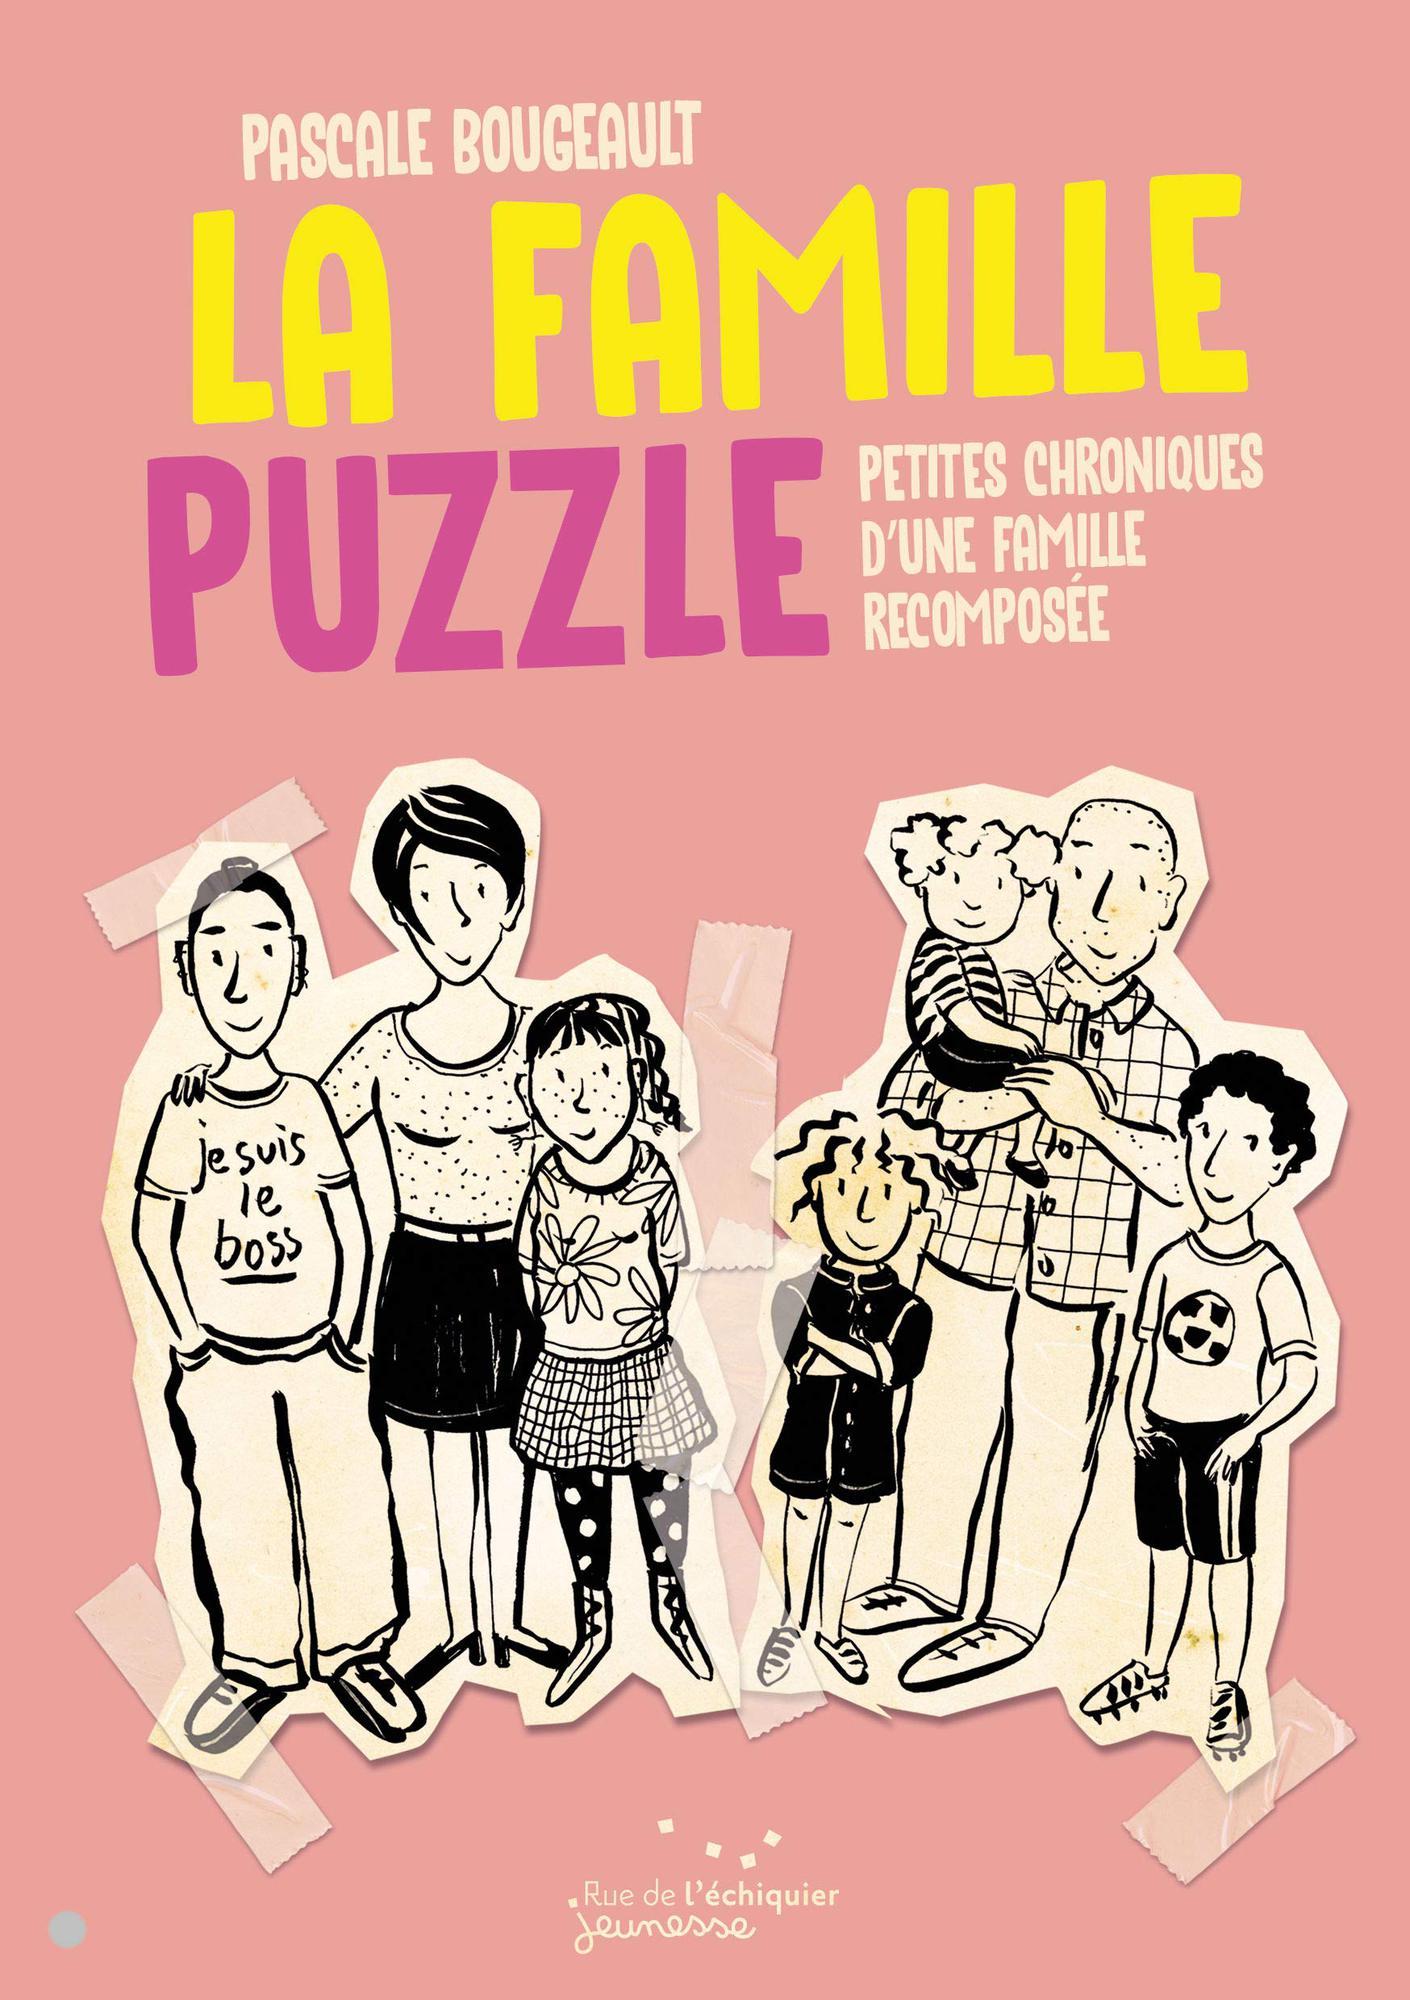 La Famille puzzle, petites chroniques d'une famille recomposée